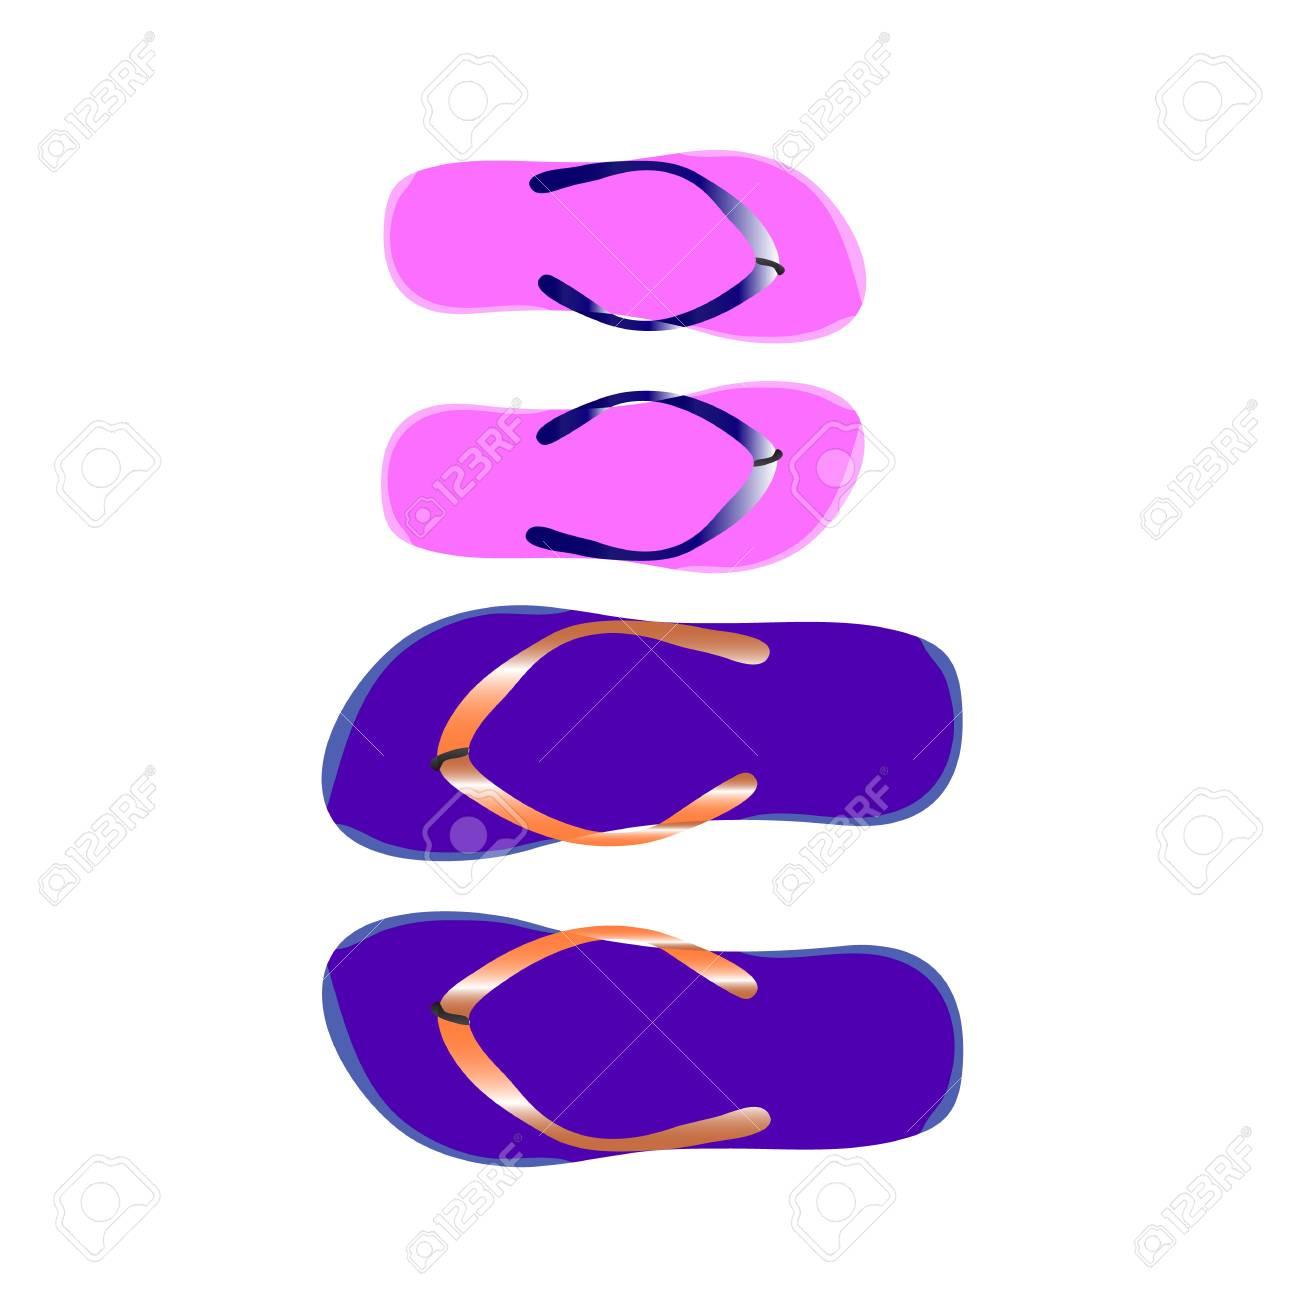 e772125d21137 Flip-flops For Women And Men